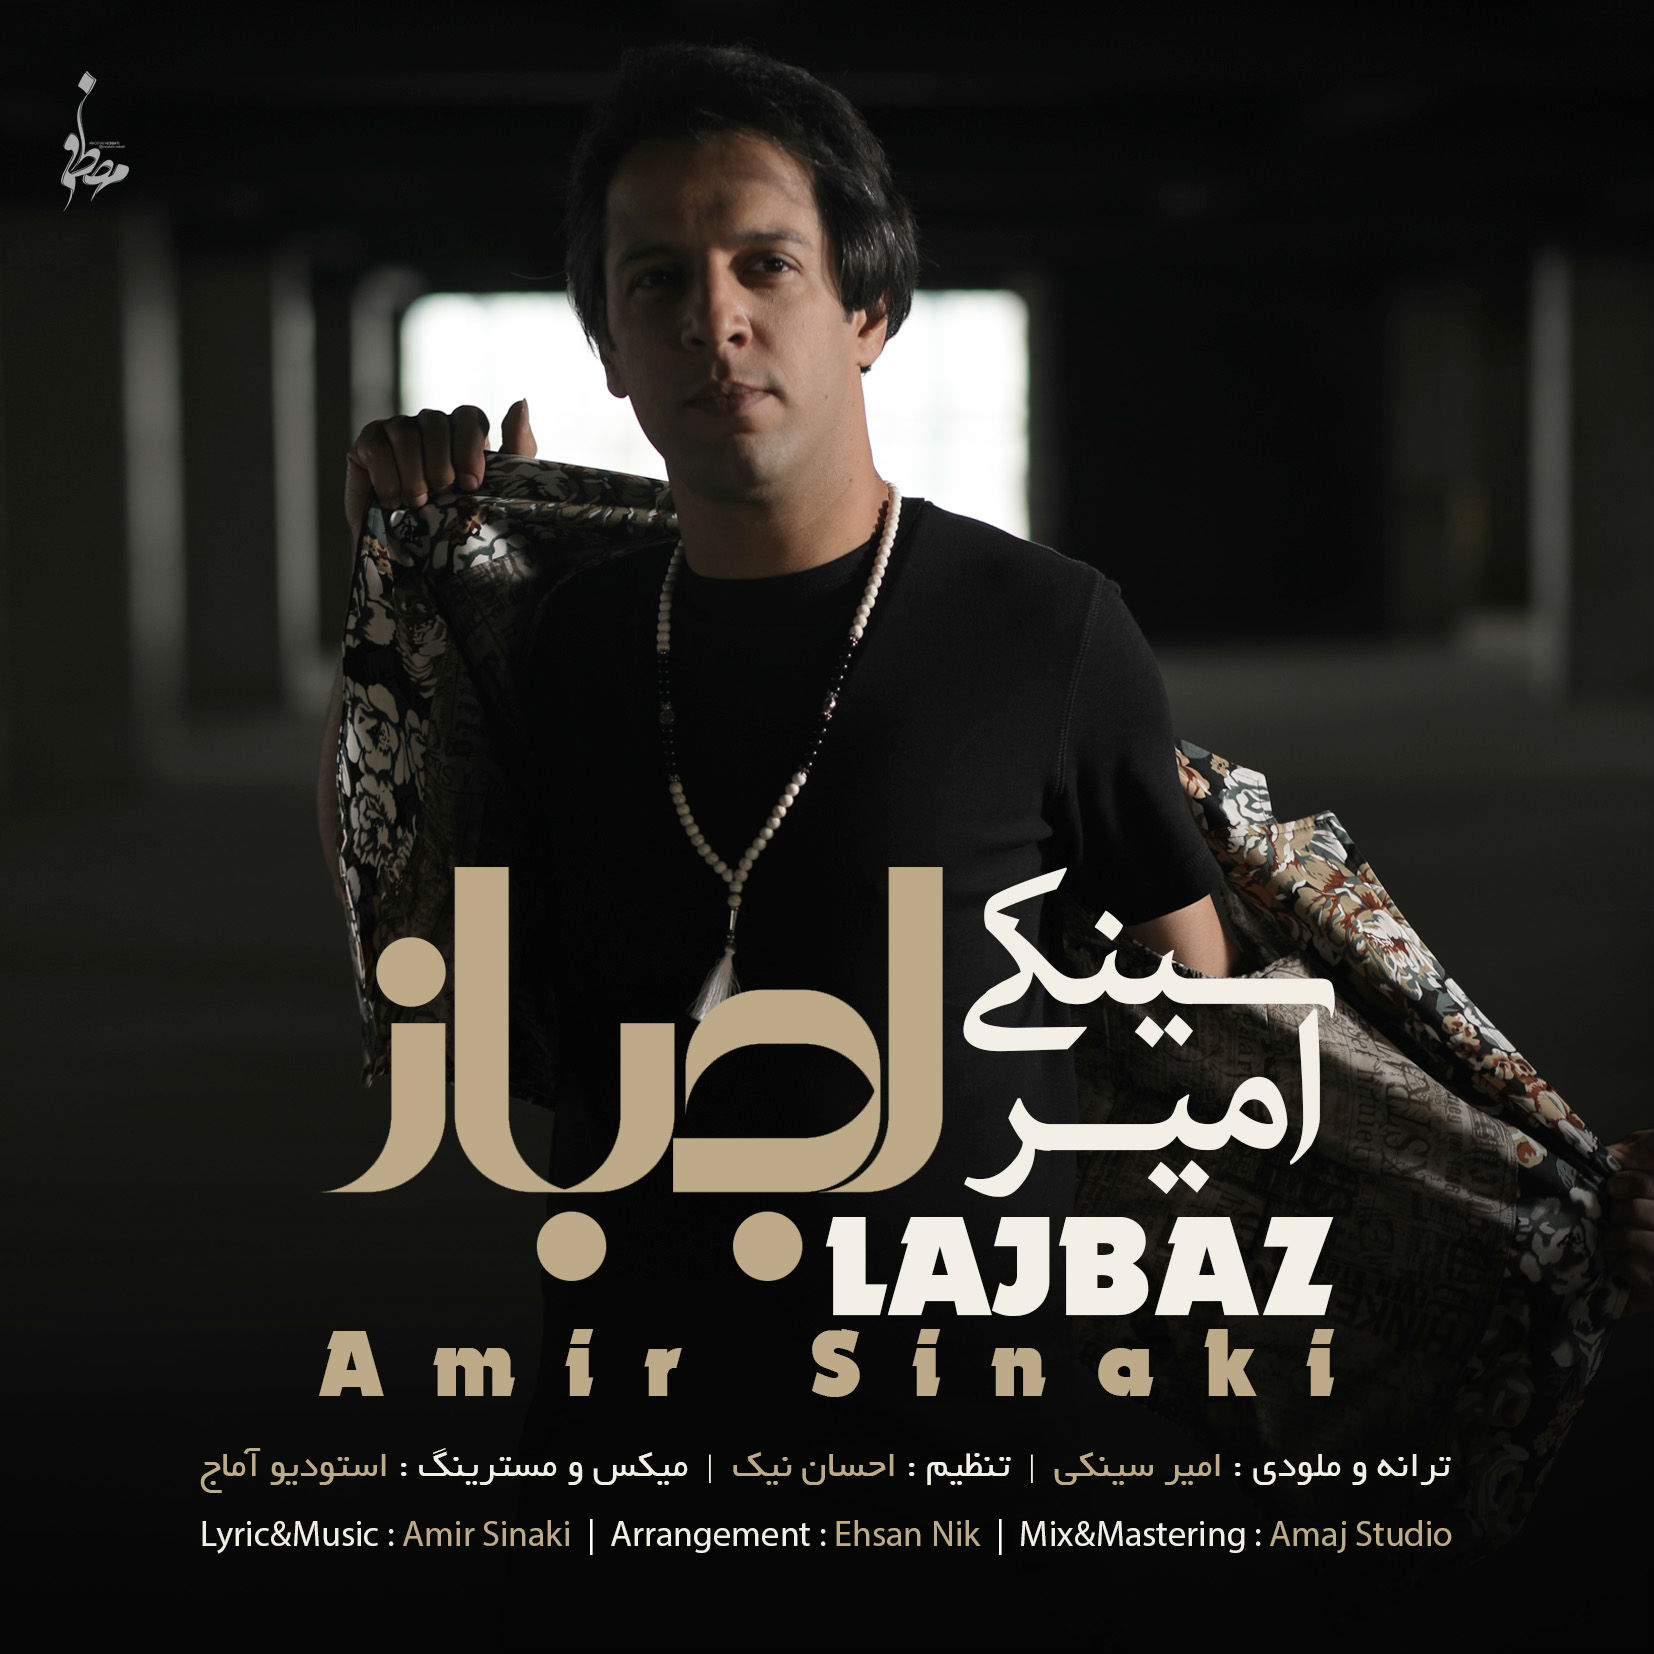 Amir Sinaki – Lajbaz